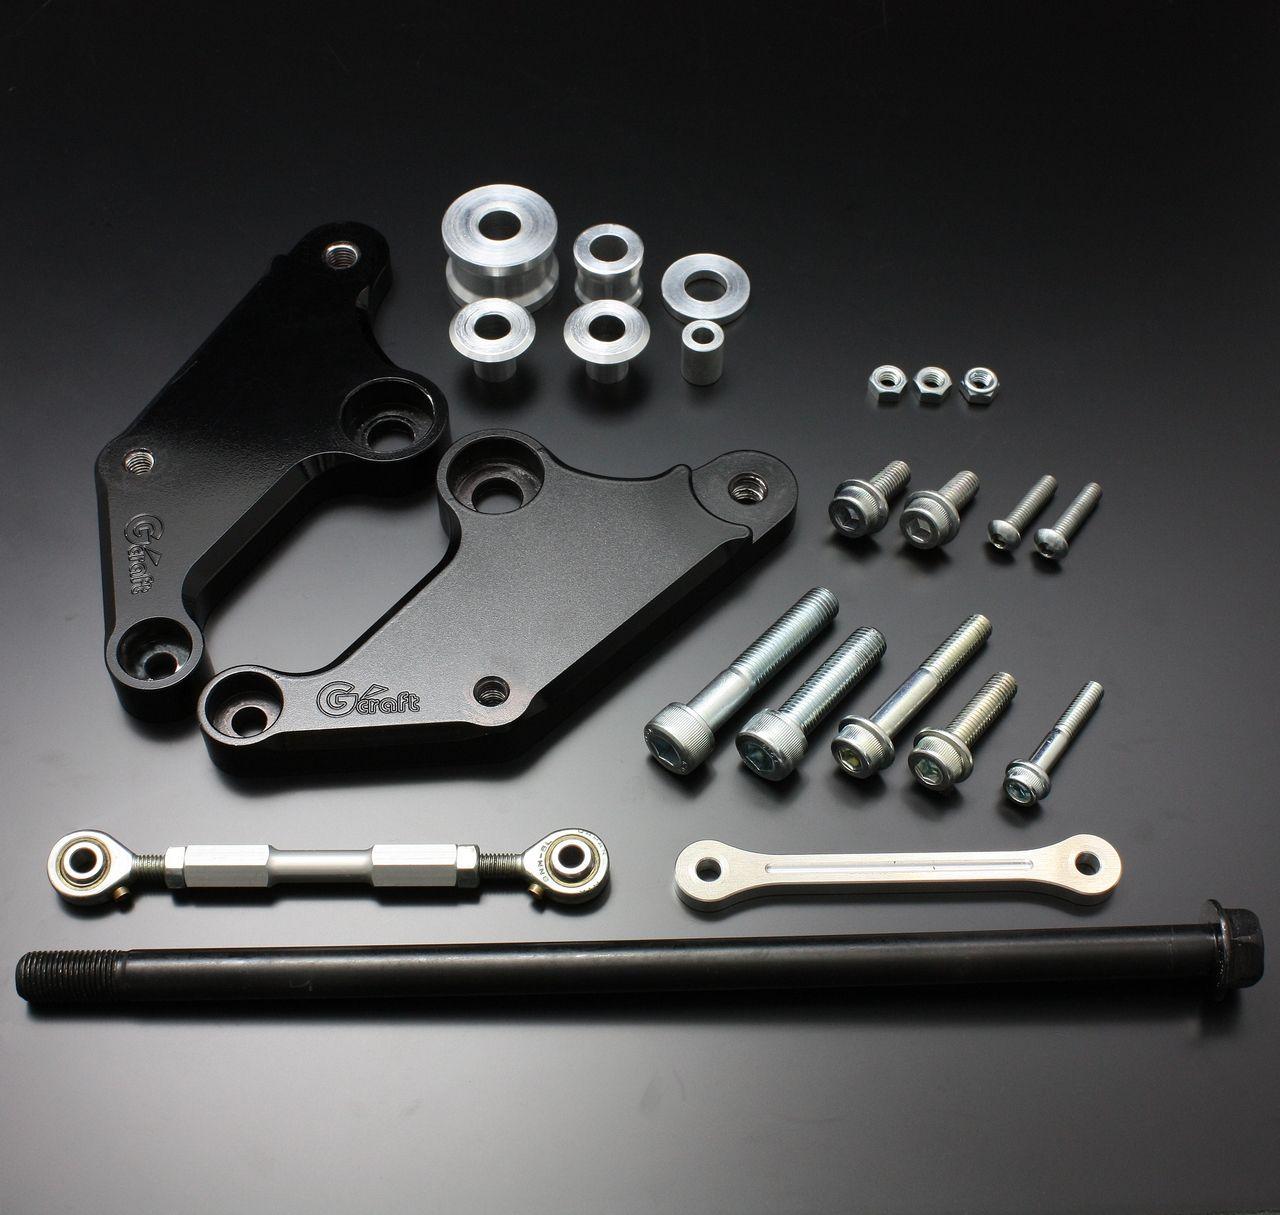 腳踏後移套件專用固定底板與配件